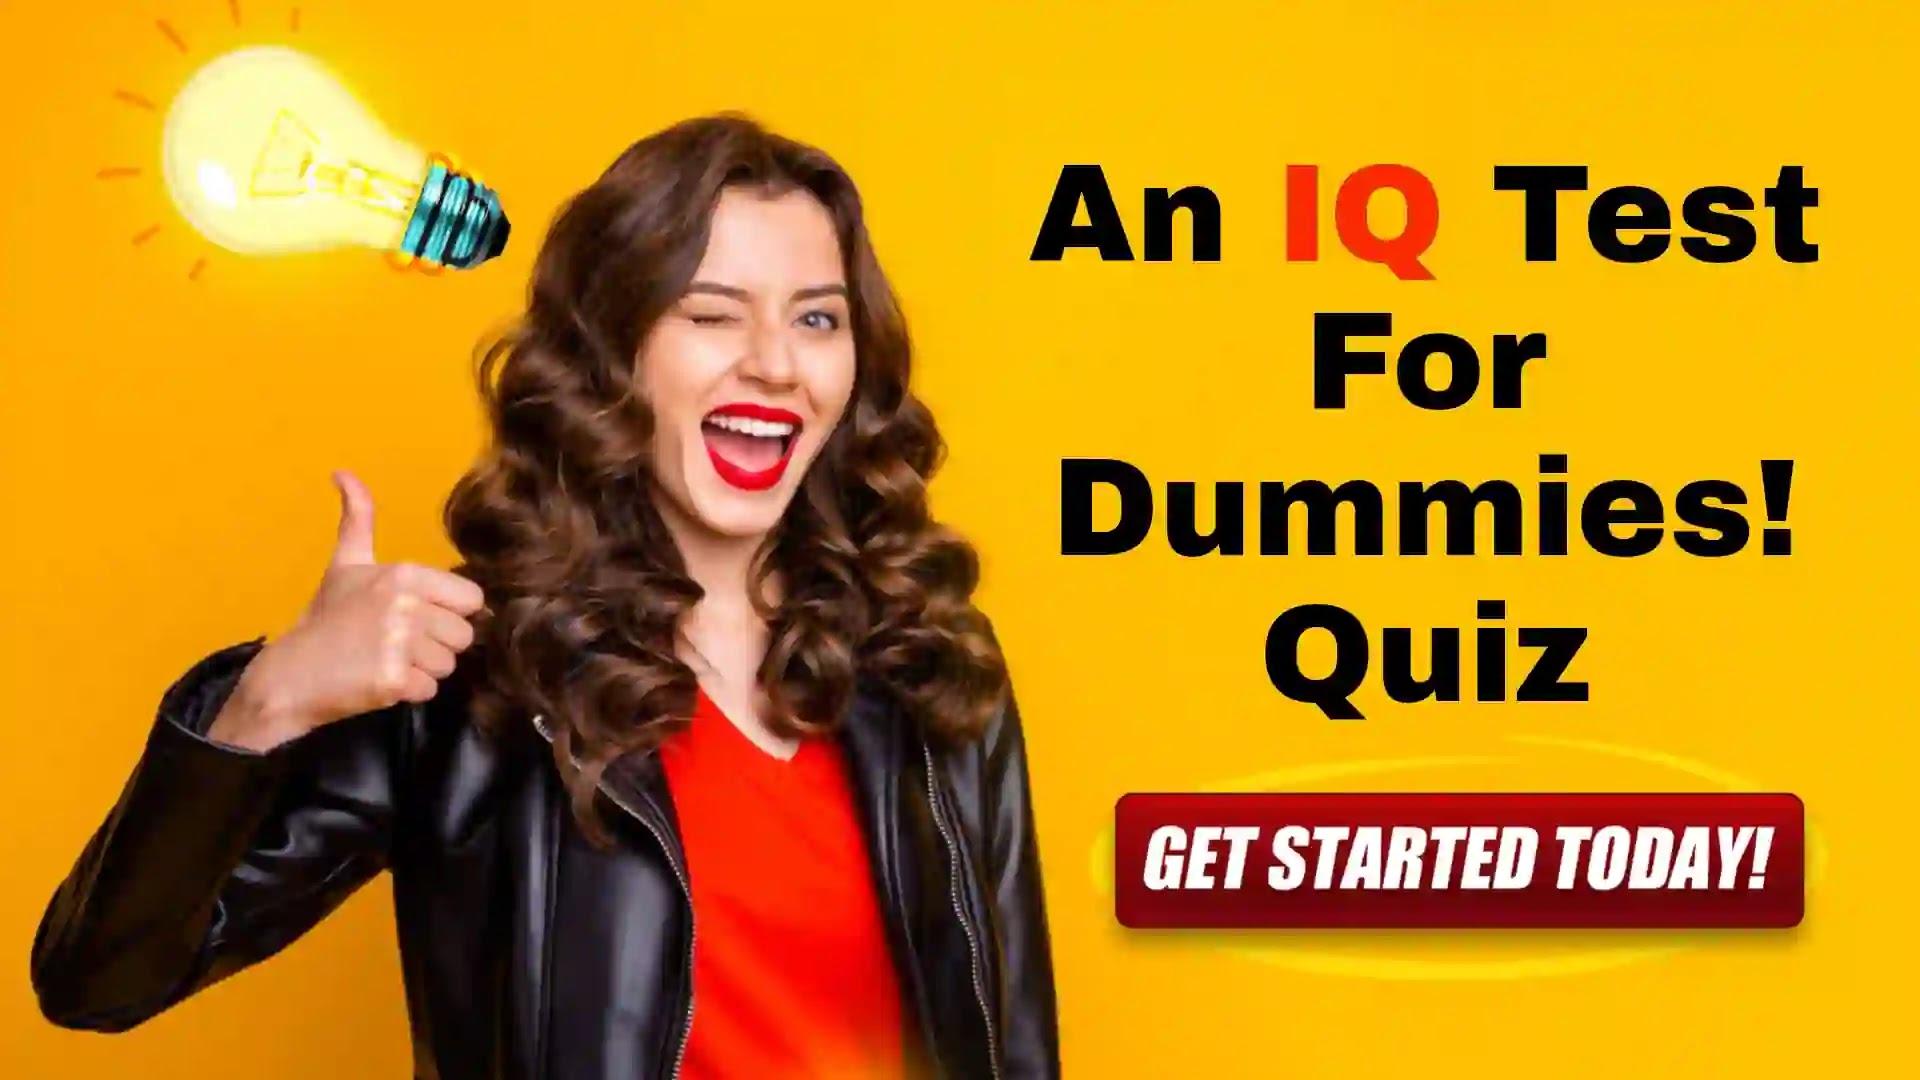 An IQ Test For Dummies! Quiz